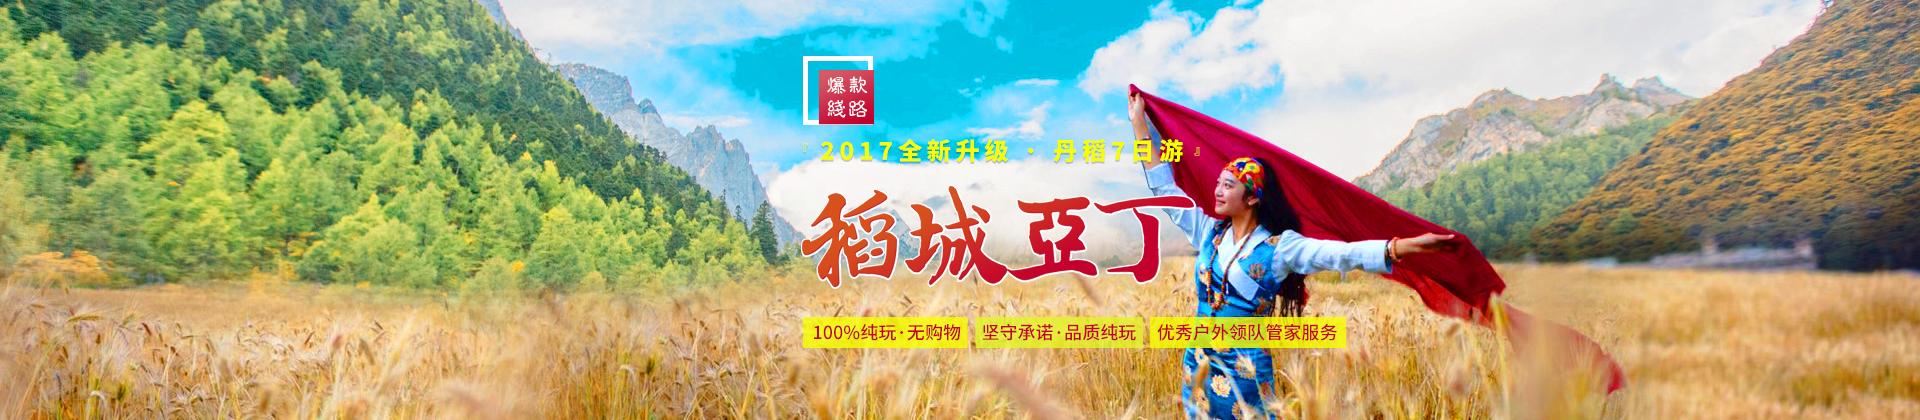 深圳世界之窗,夏日狂欢